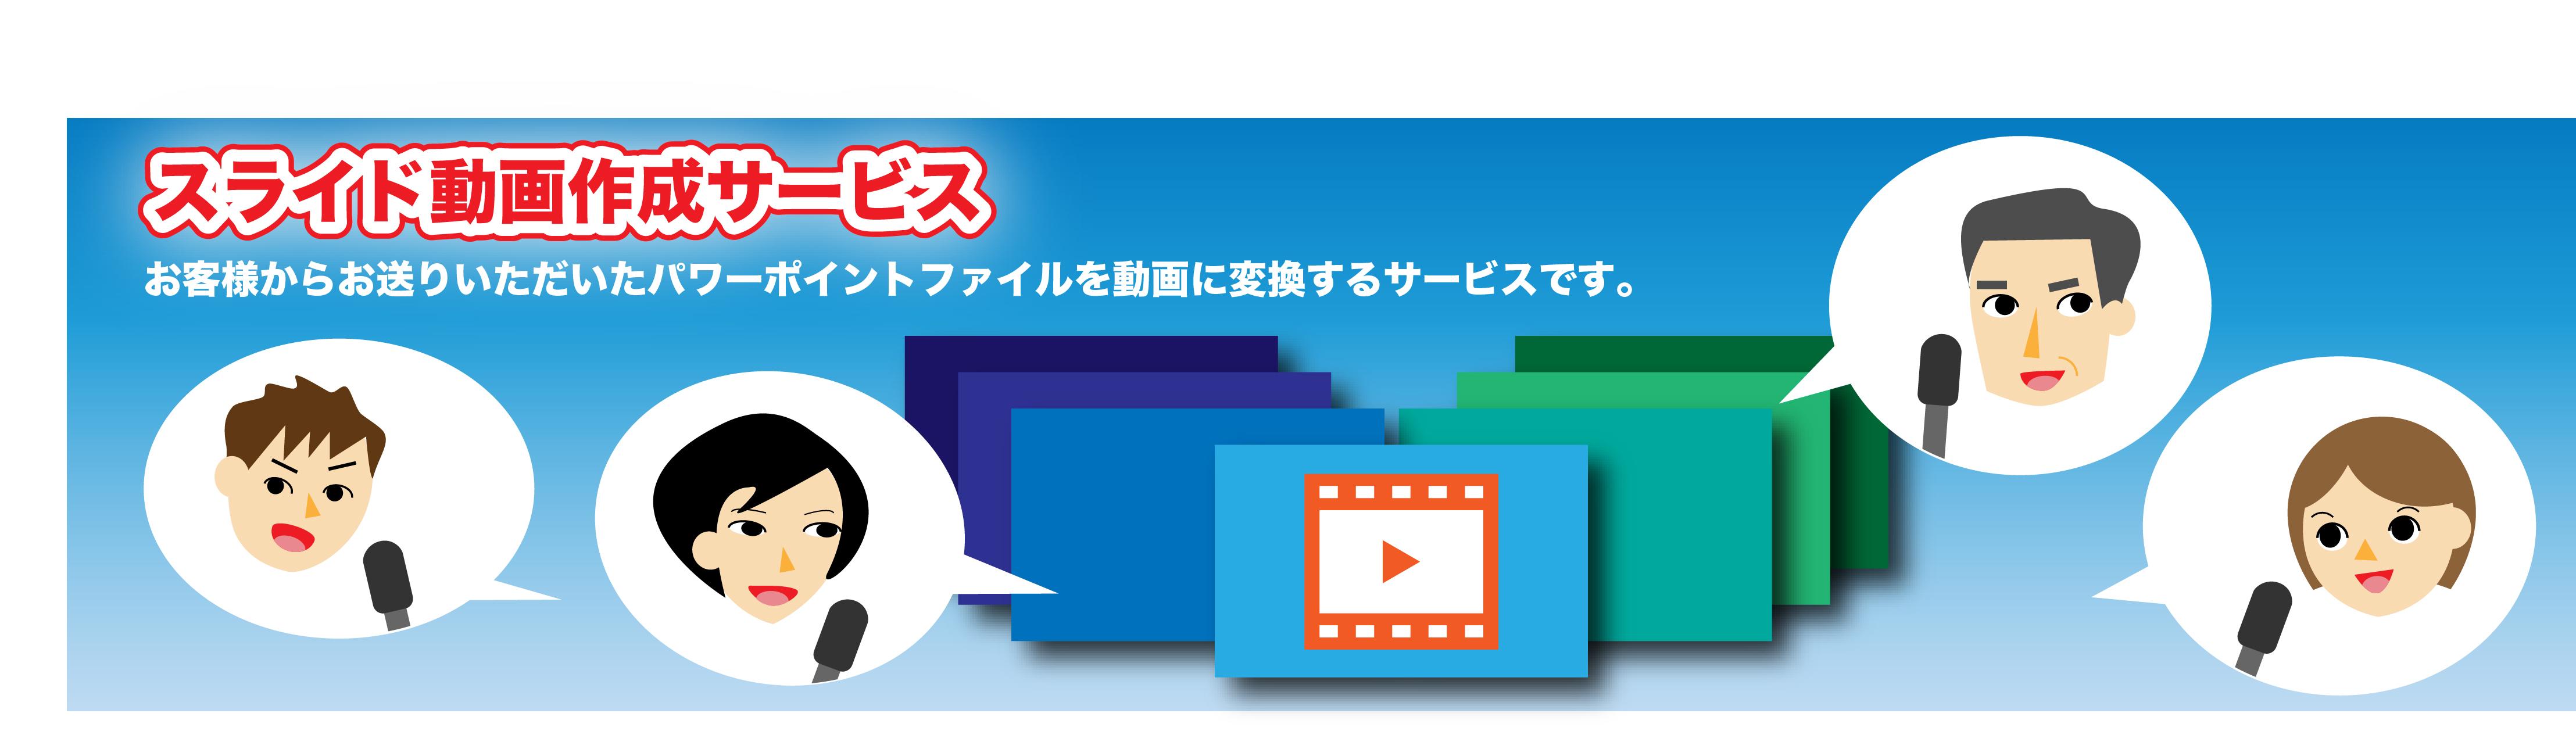 スライド動画作成サービス